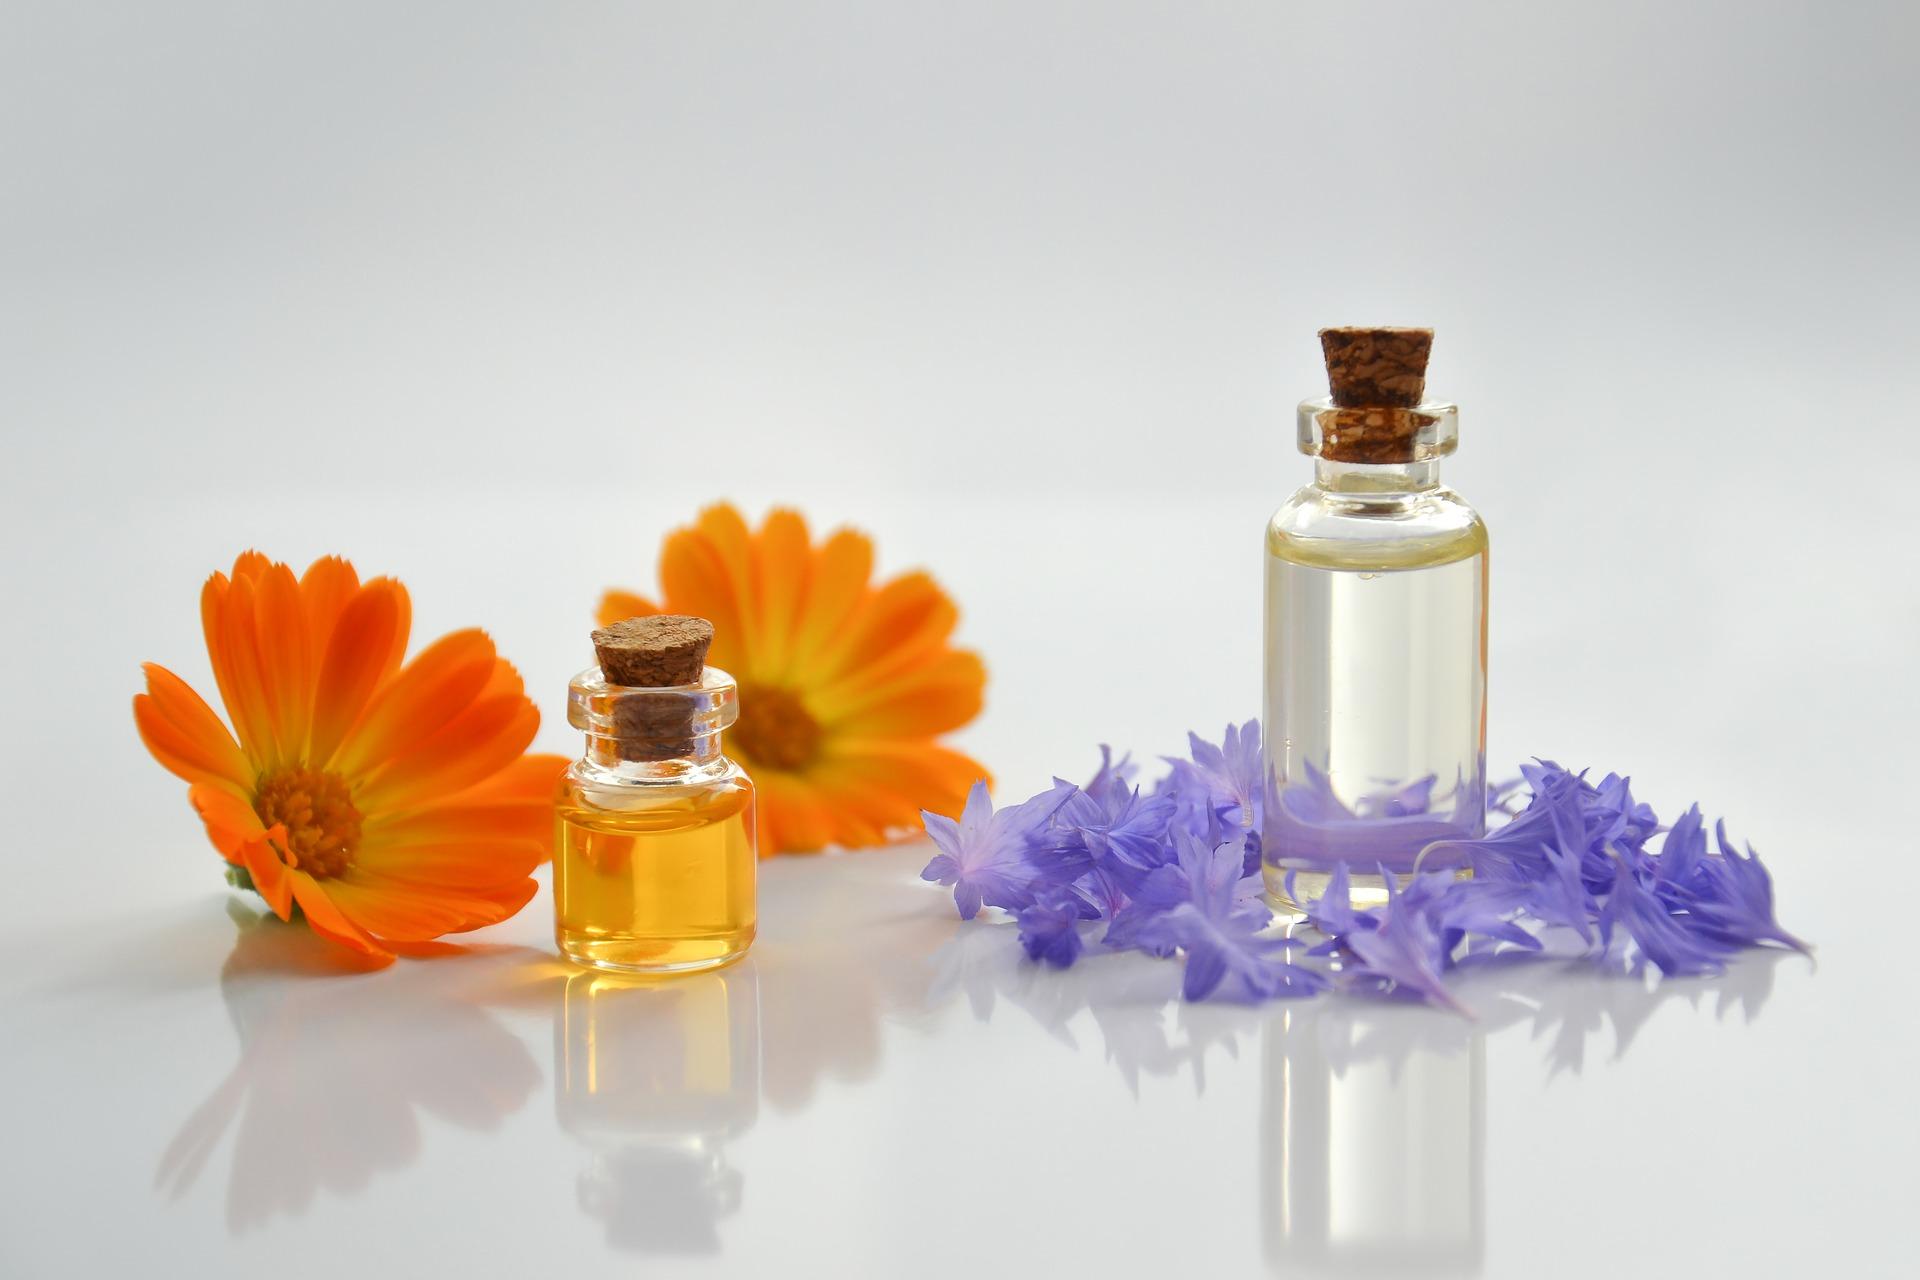 essential-oil-4065187_1920.jpg